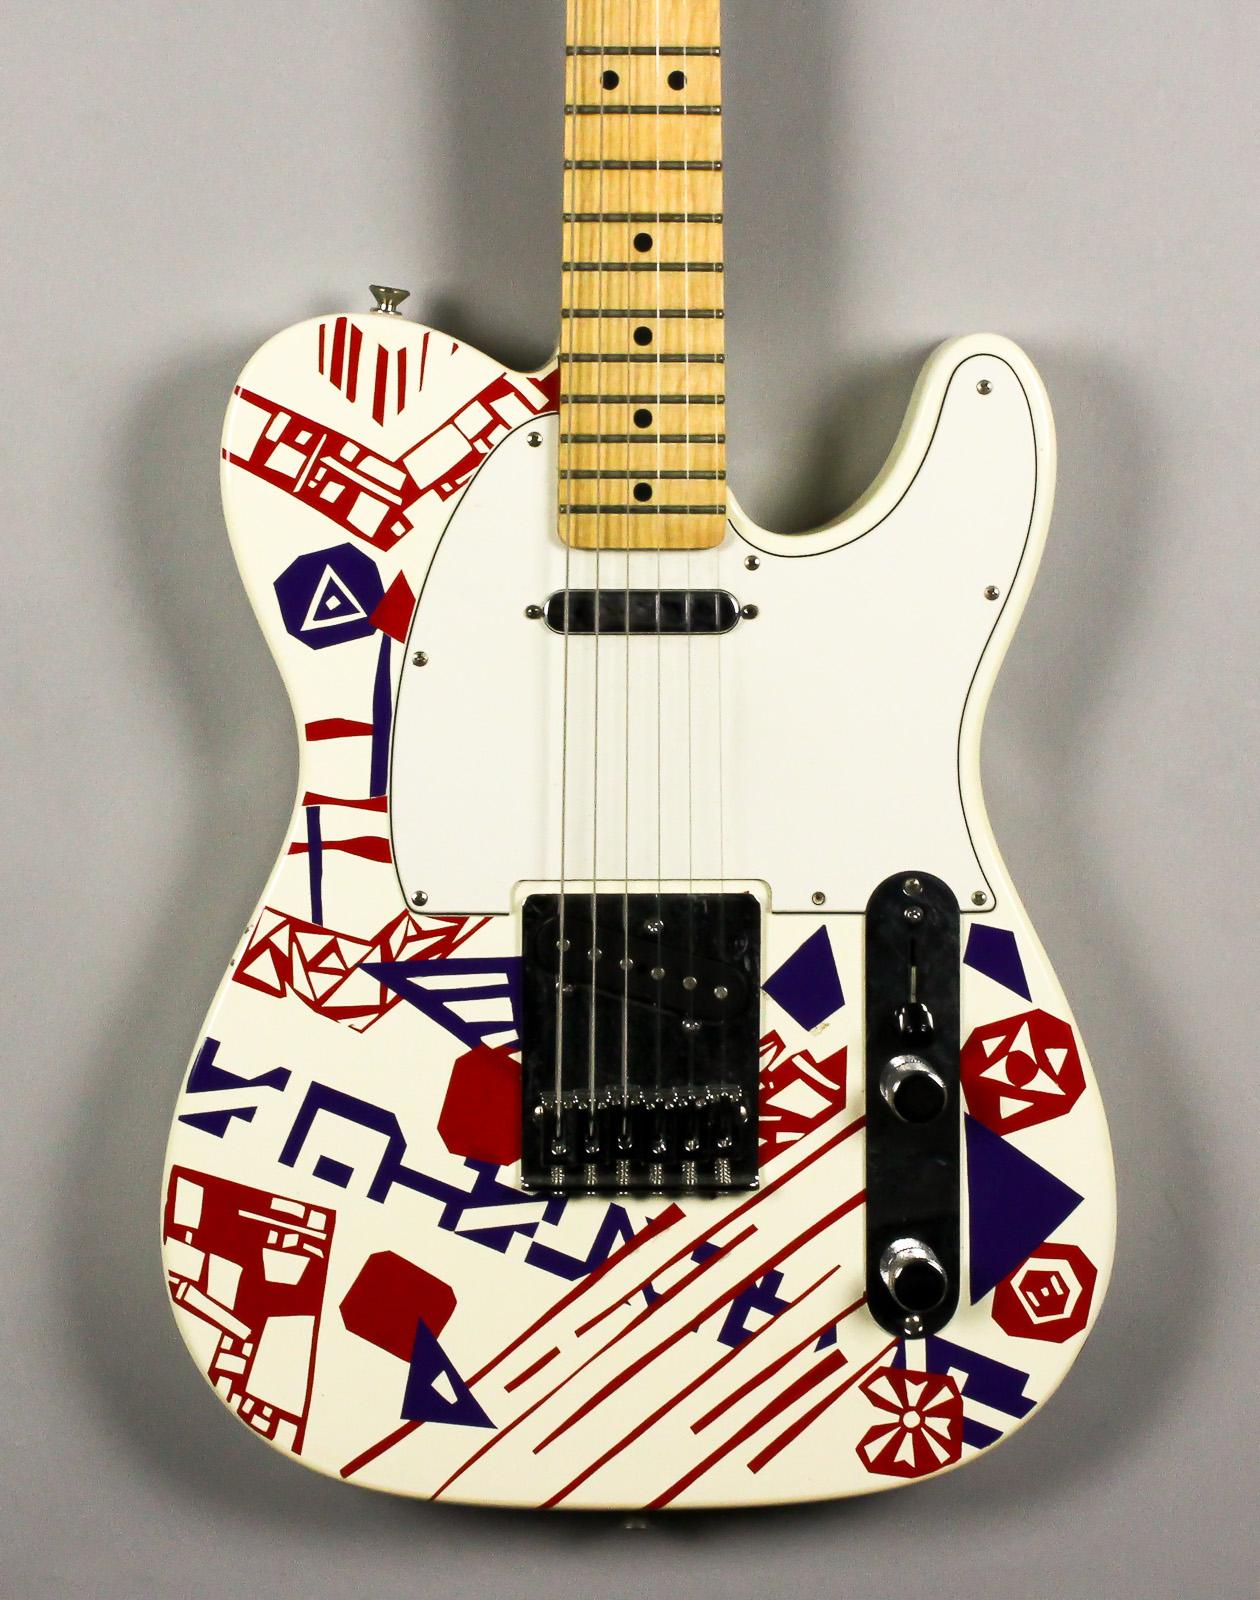 Guitar | 2011